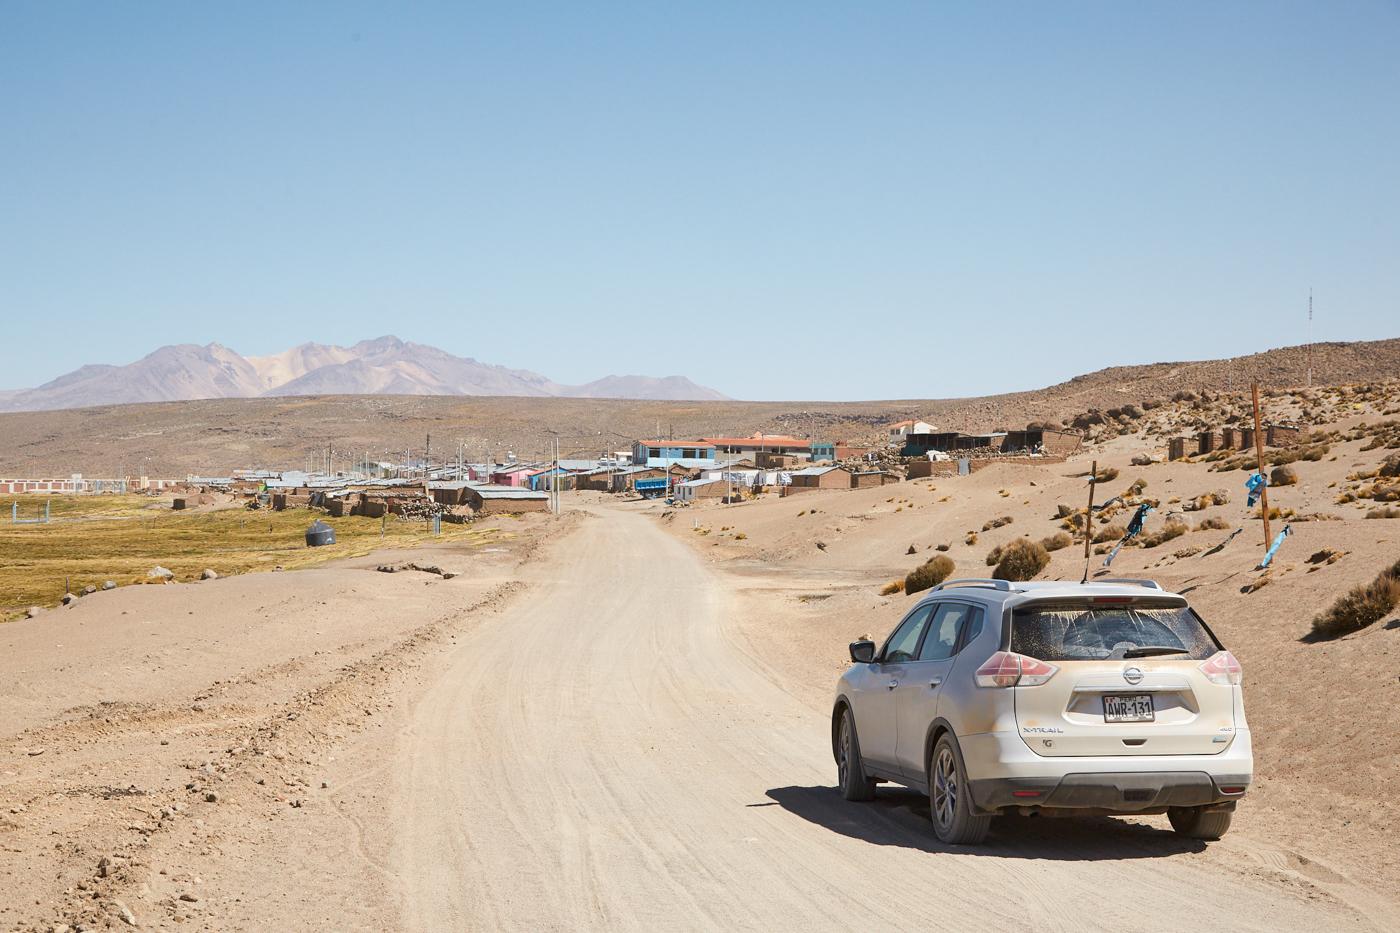 Der Ort Ceneguillas im RReserva Nacional de Salinas y Aguada Blanca